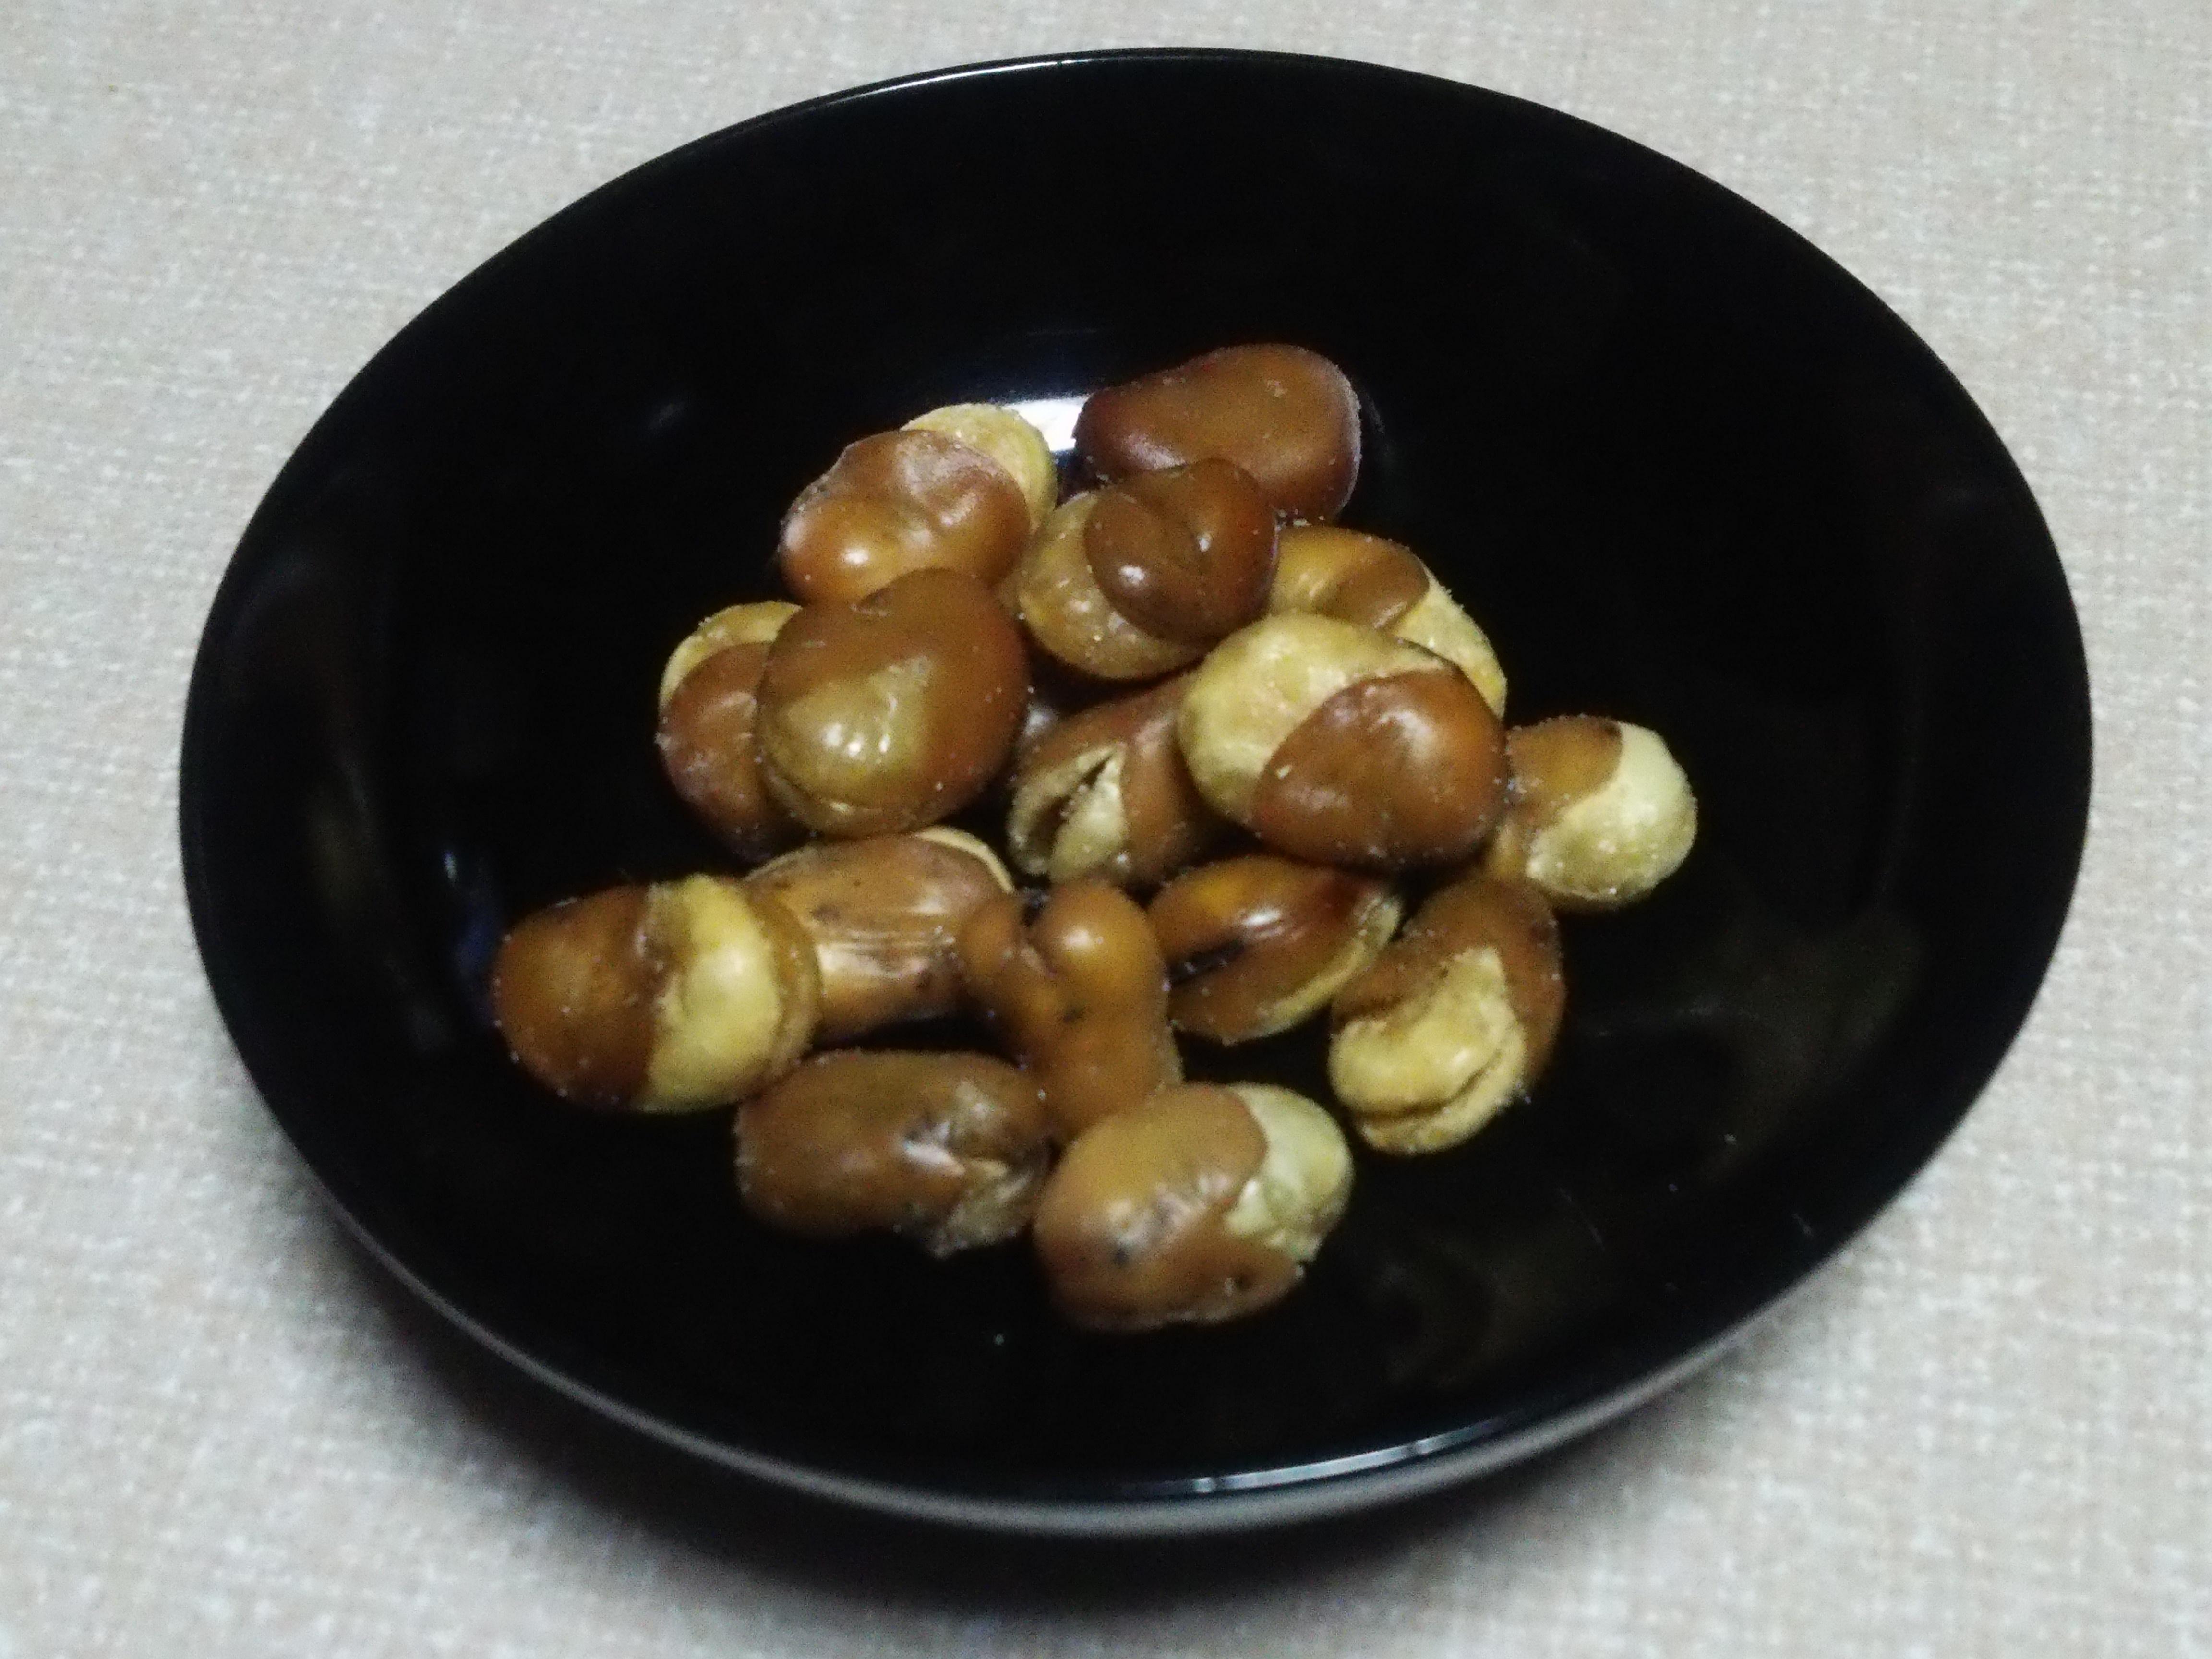 栄養 いかり 豆 そら豆の特徴と栄養成分・期待できる健康メリットとは